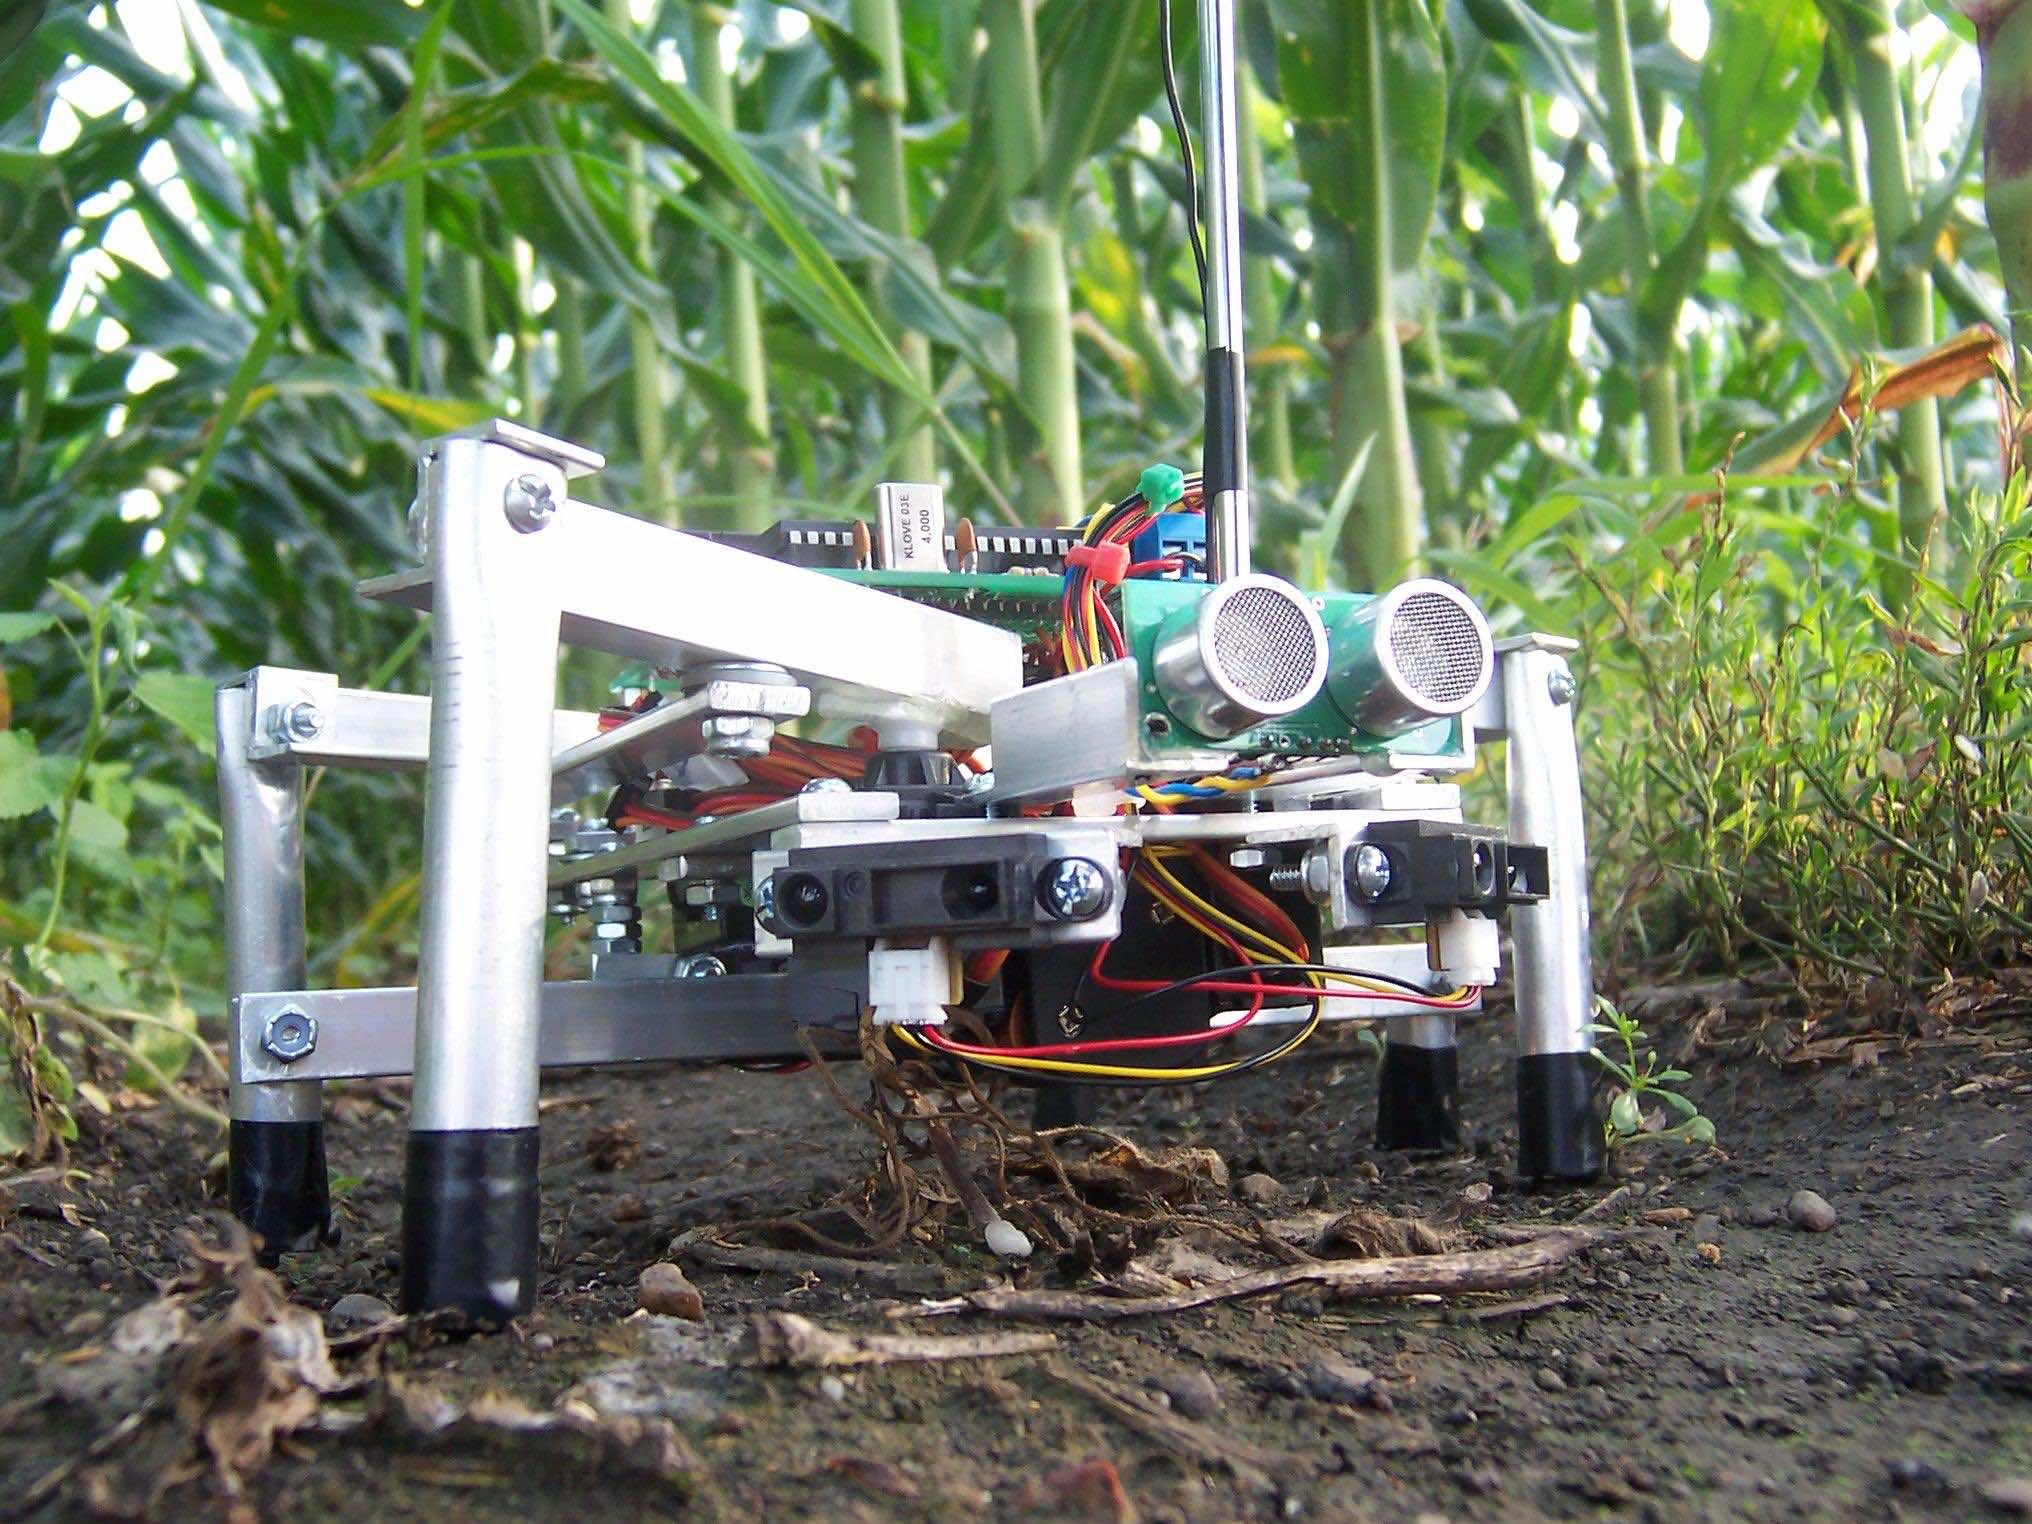 Robots at farm 2